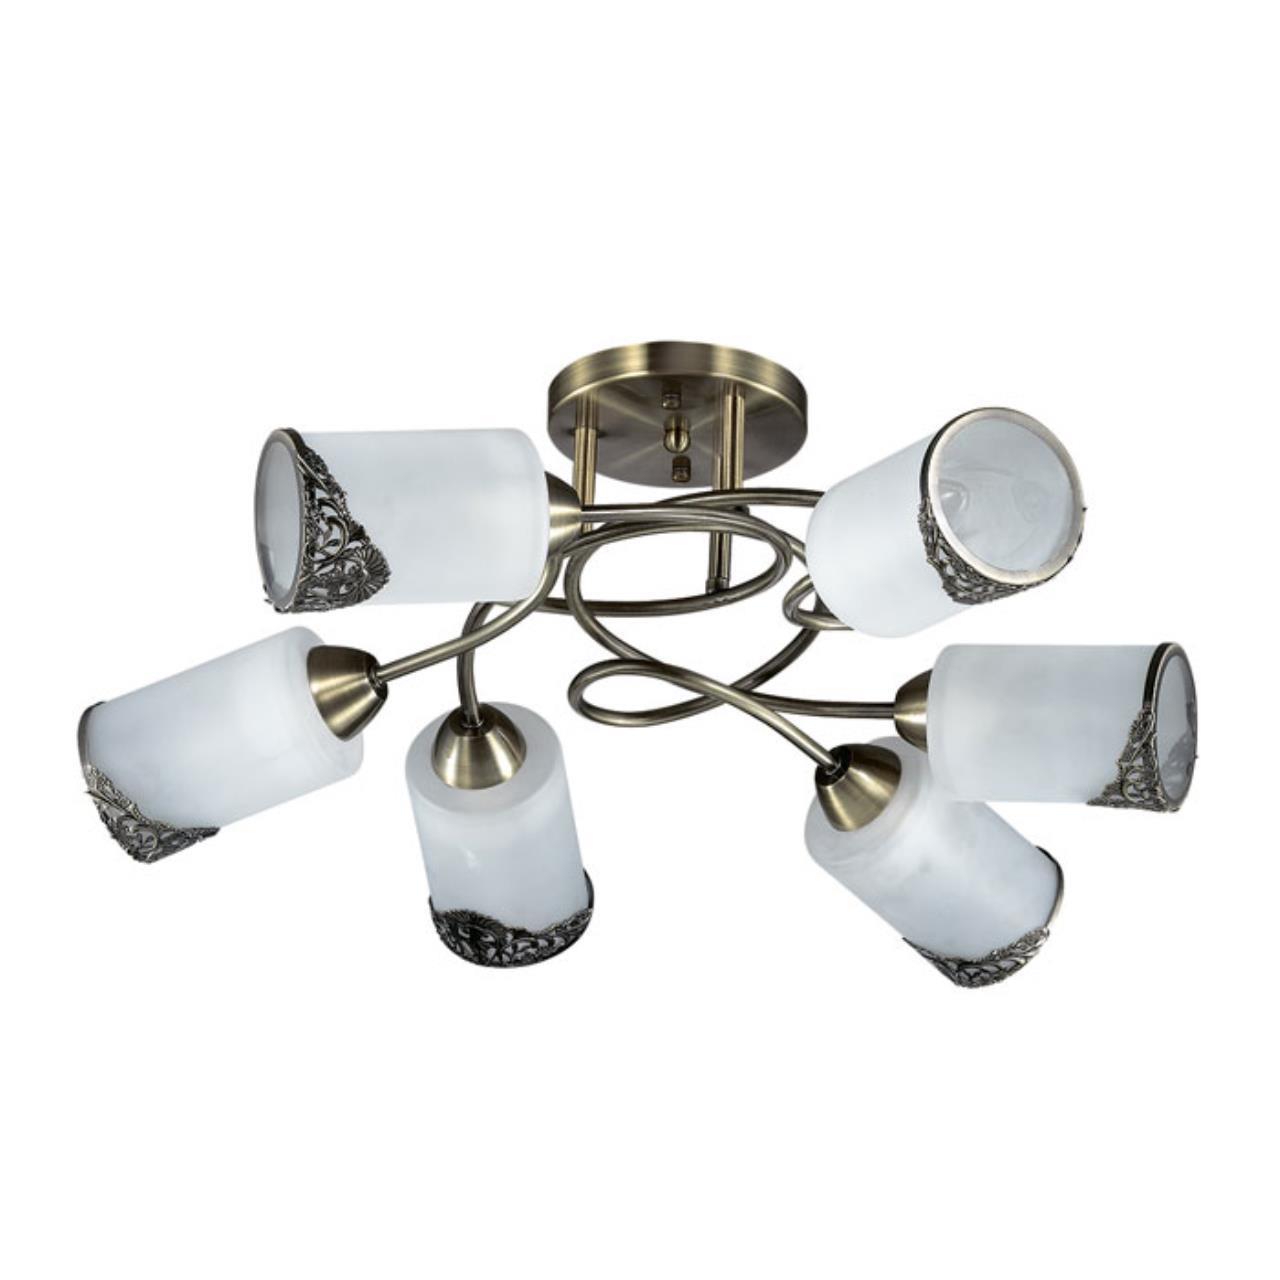 3012/6C COMFI LN16 192 бронзовый/стекло/метал. декор Люстра потолочная E27 6*40W 220V CITADELLA